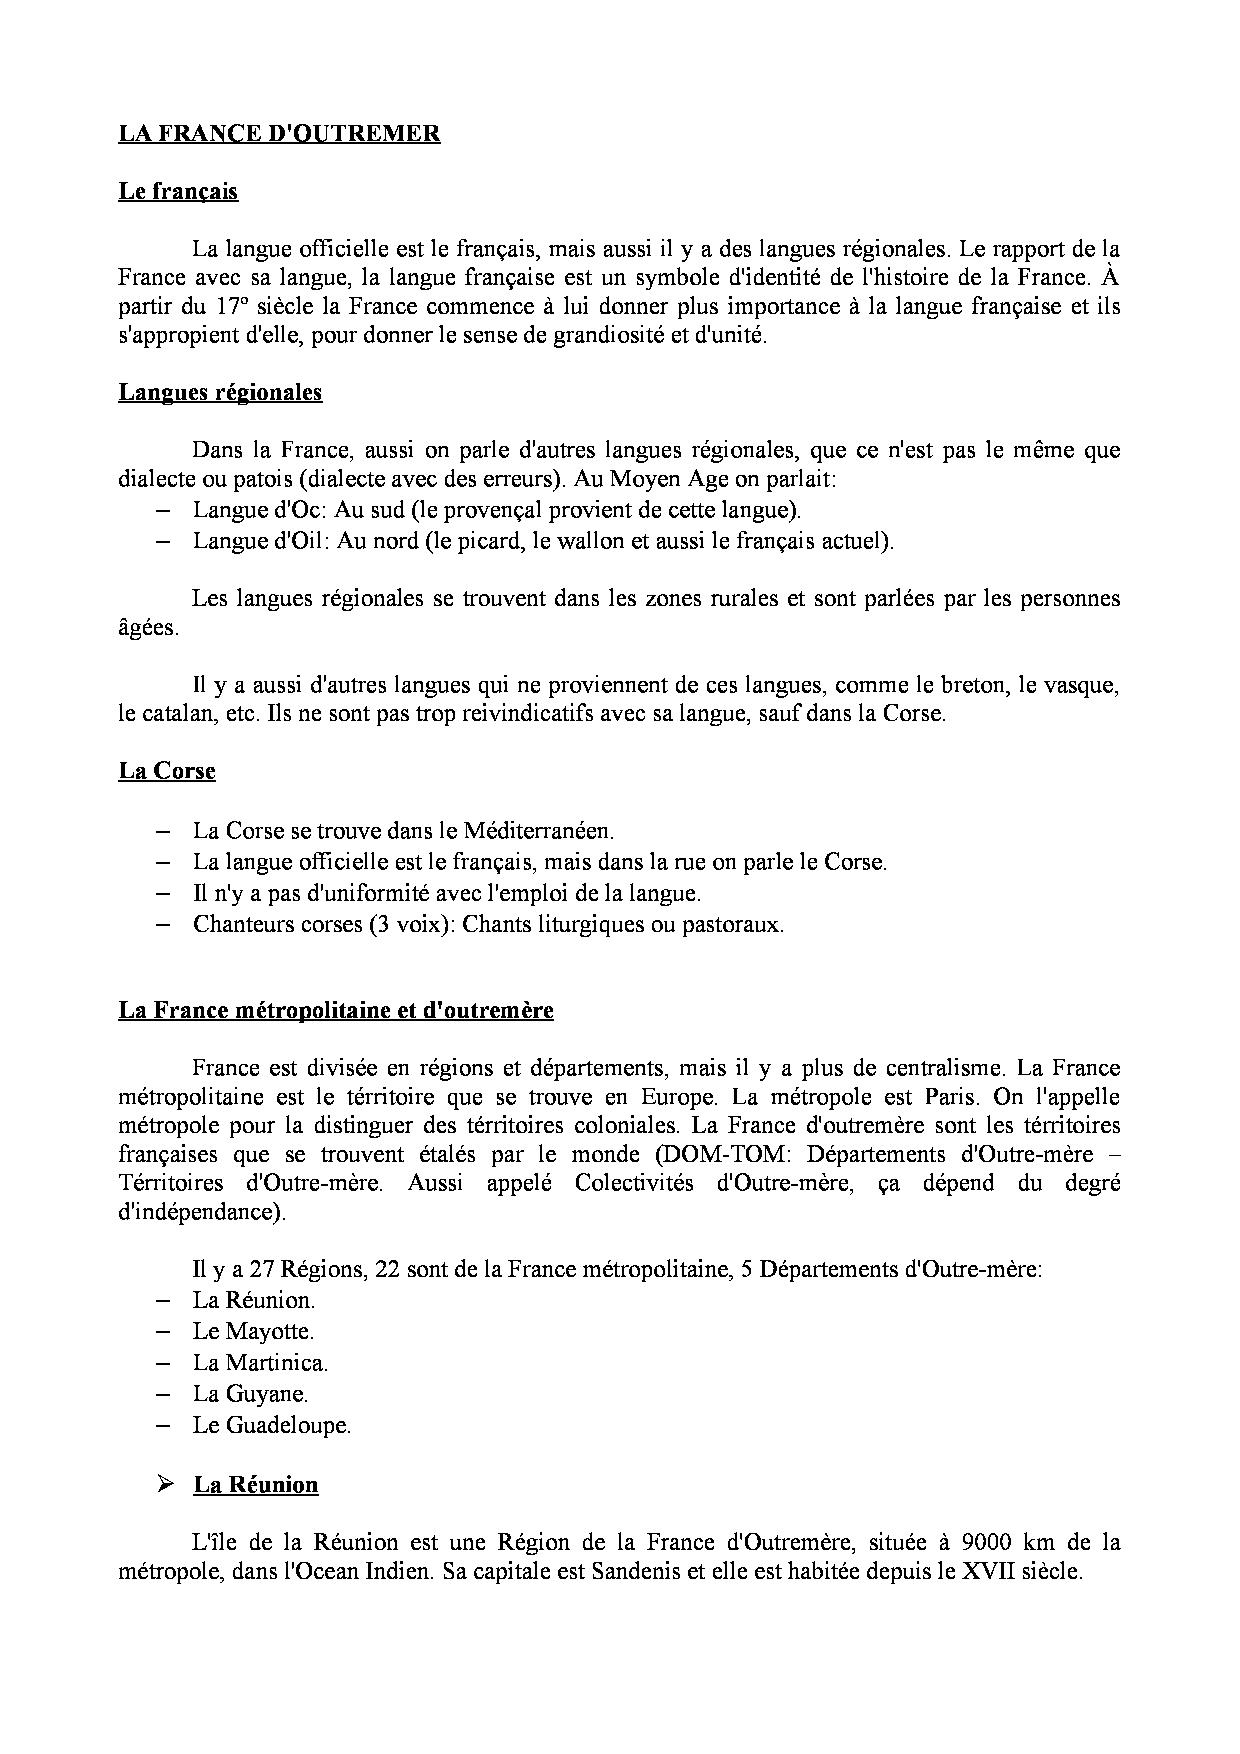 La France D'outremer - Apuntes De Idioma Francés - Docsity destiné Les 22 Régions De France Métropolitaine